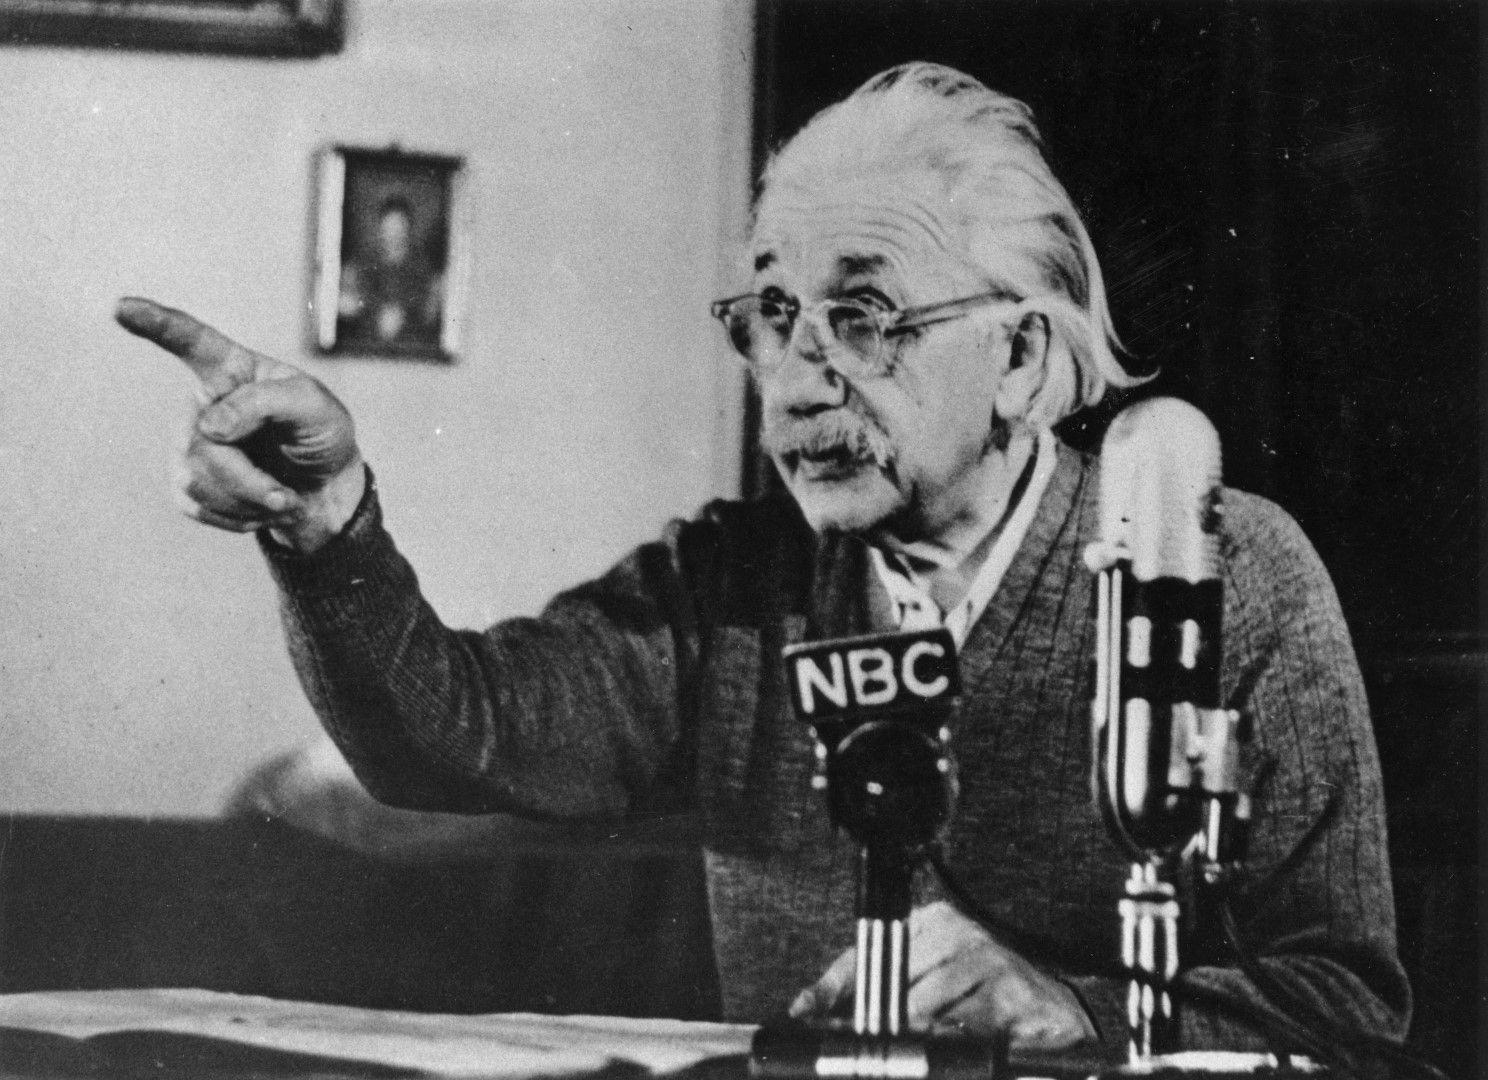 17 февруари 1950 г. Алберт Айнщайн говори публично в седмичното предаване на Елинор Рузвелт по NBC  и предупреждава за